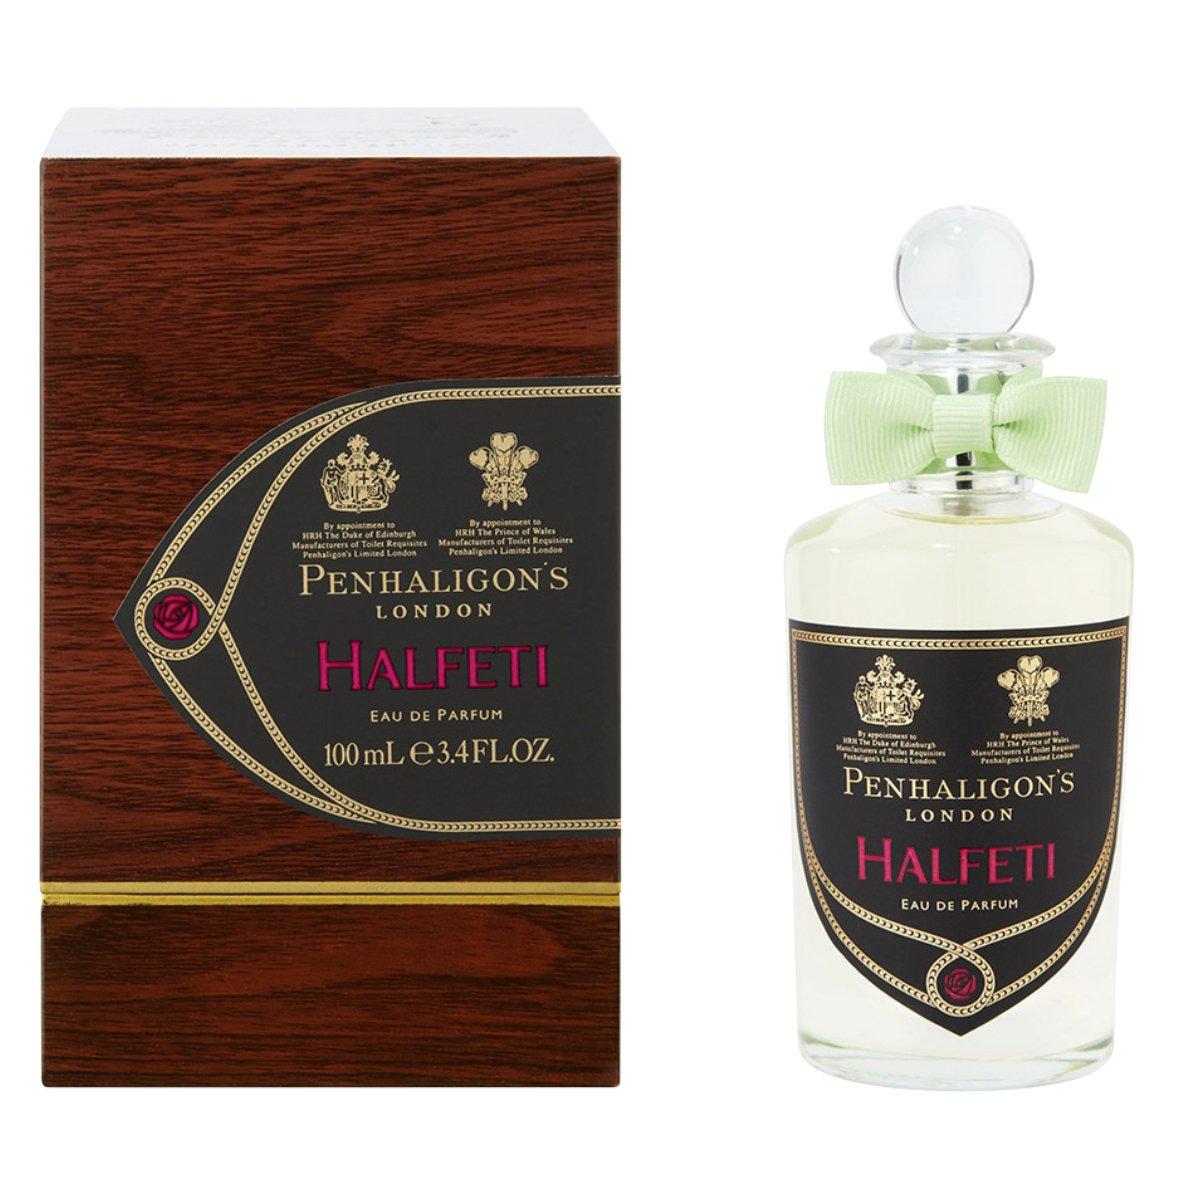 Penhaligon's Trade Routes Halfeti Eau De Parfum, 100ml